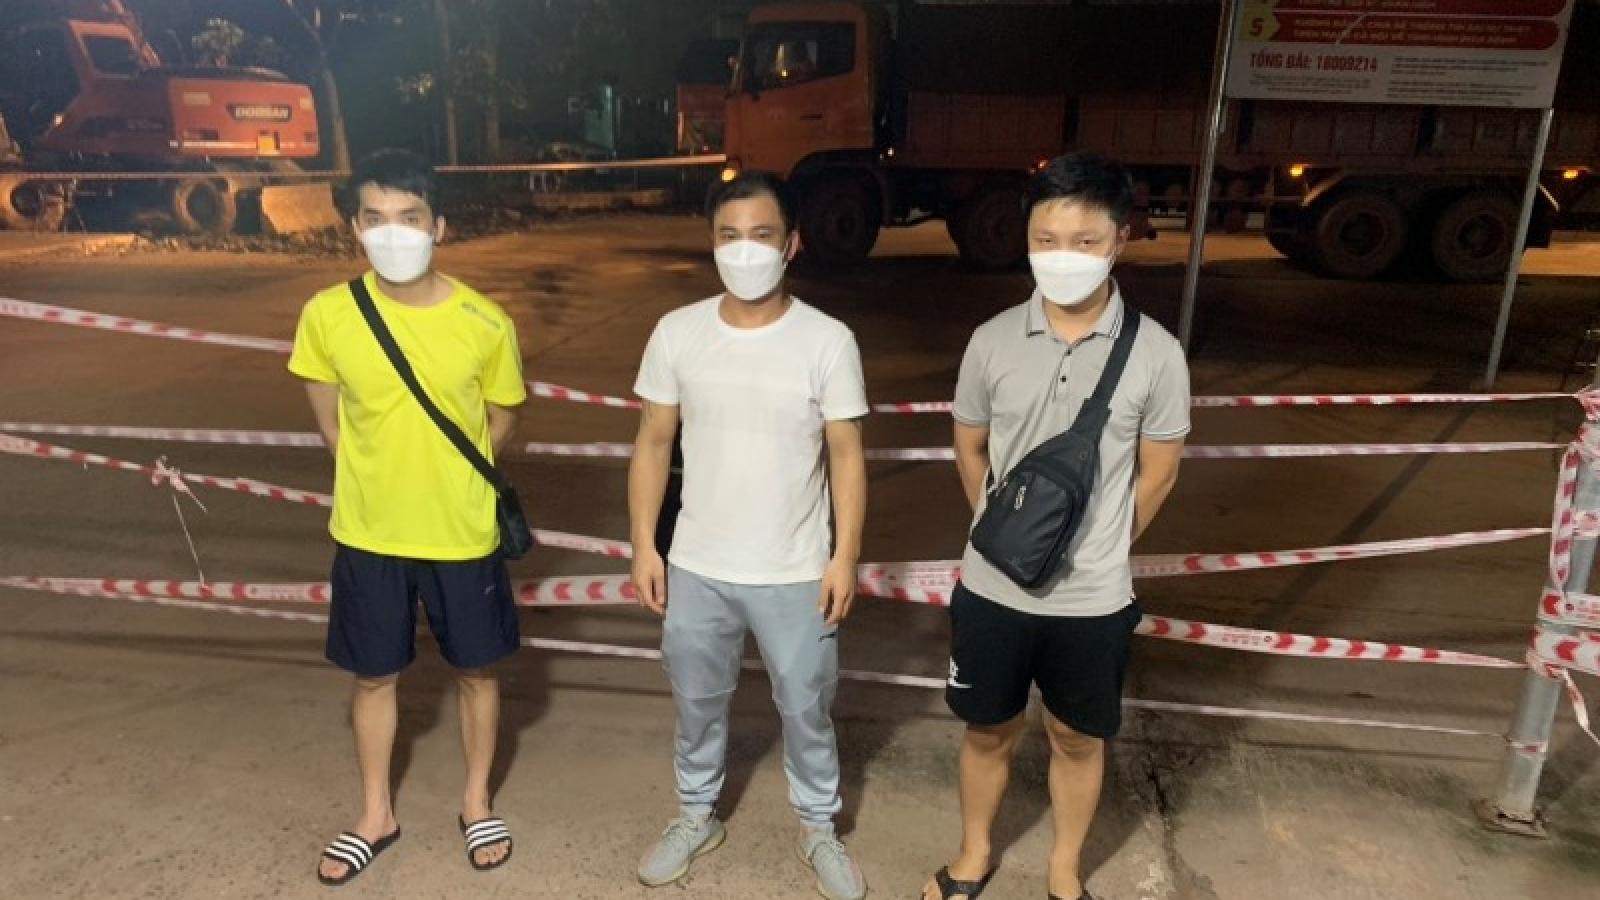 """Lái xe hướng dẫn khách khai báo gian dối để """"vượt chốt"""" vào địa bàn Quảng Ninh"""